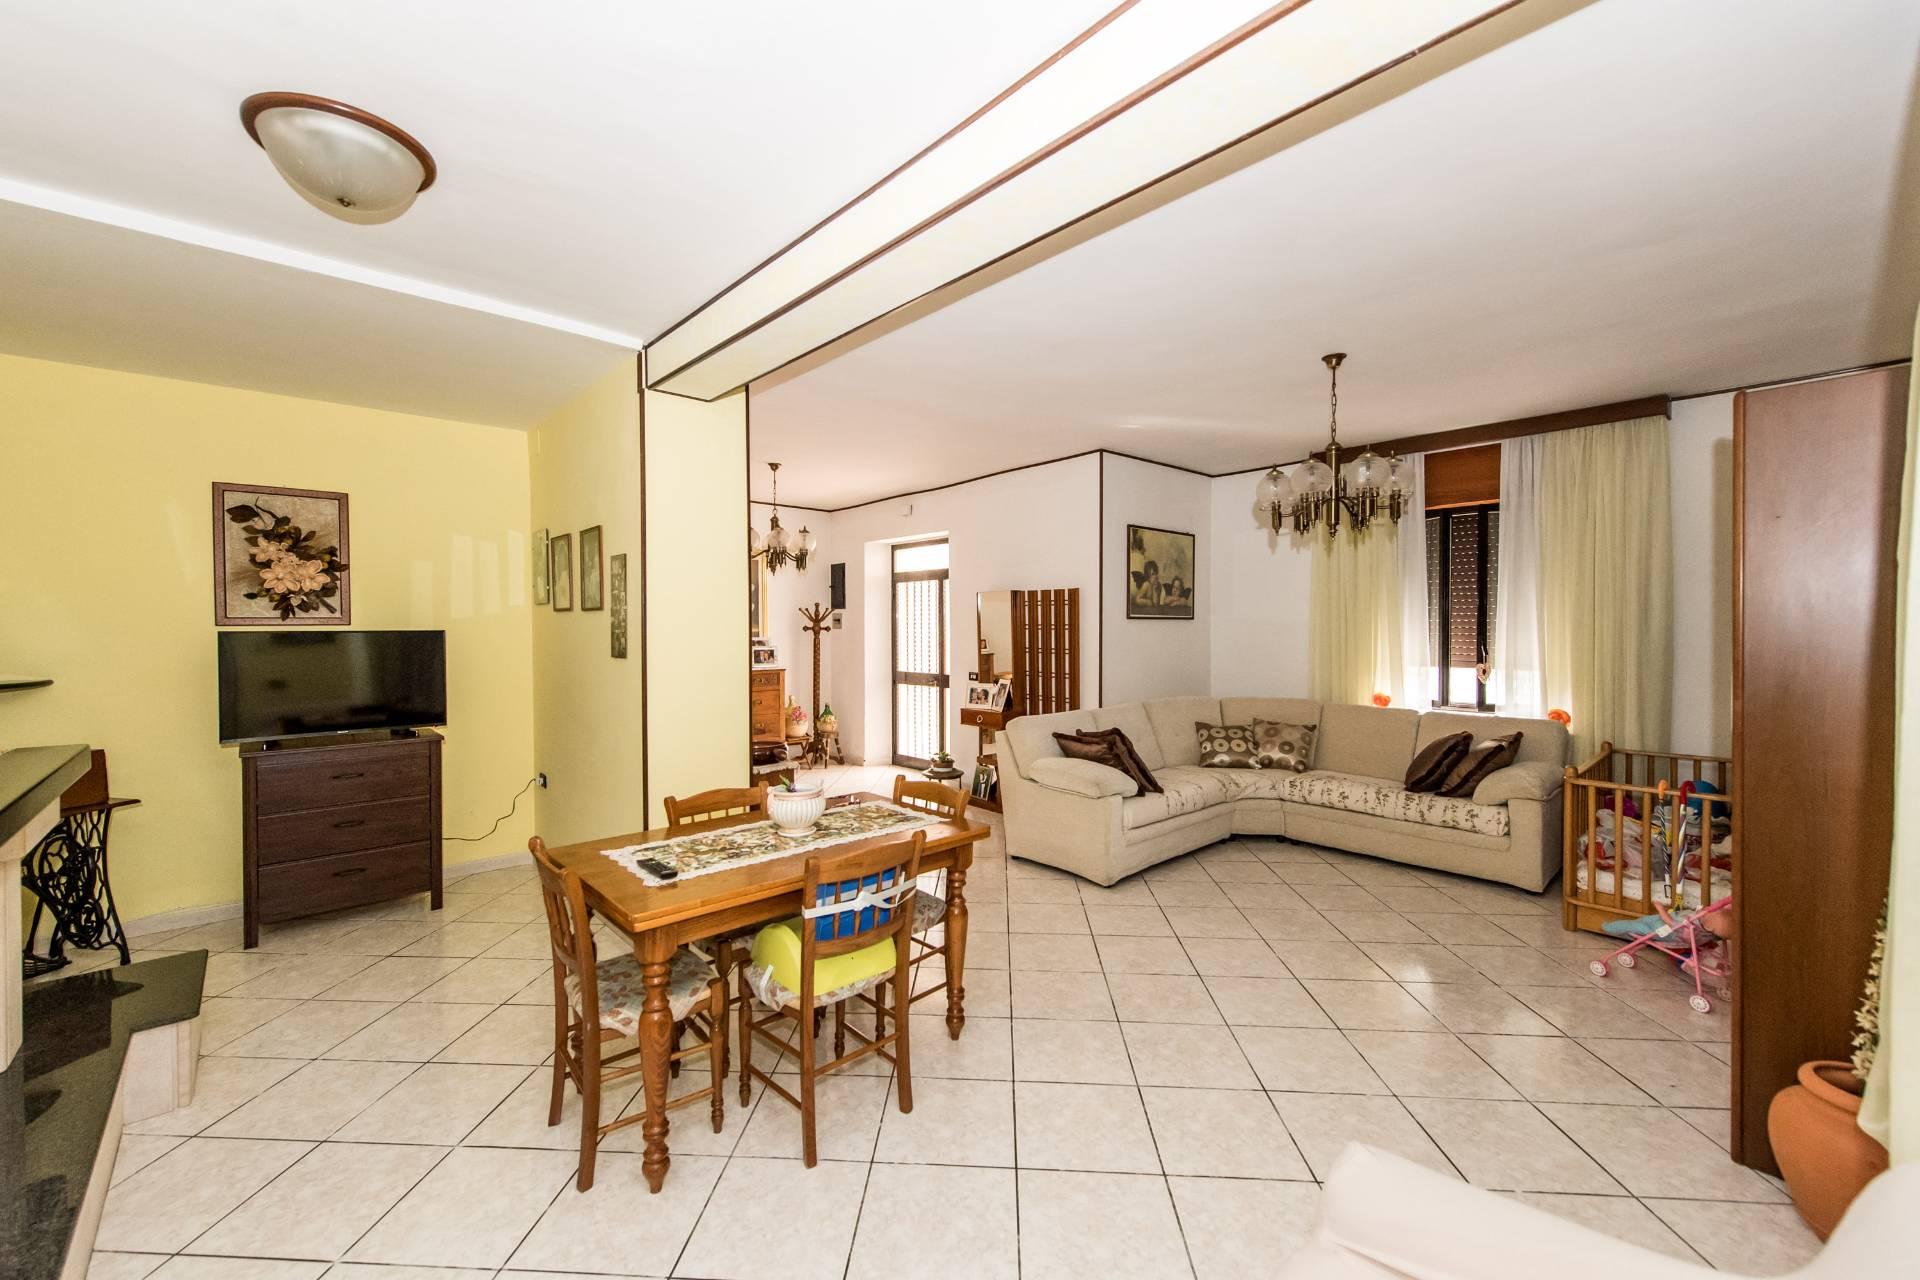 Soluzione Indipendente in vendita a Torrevecchia Teatina, 8 locali, prezzo € 185.000 | CambioCasa.it